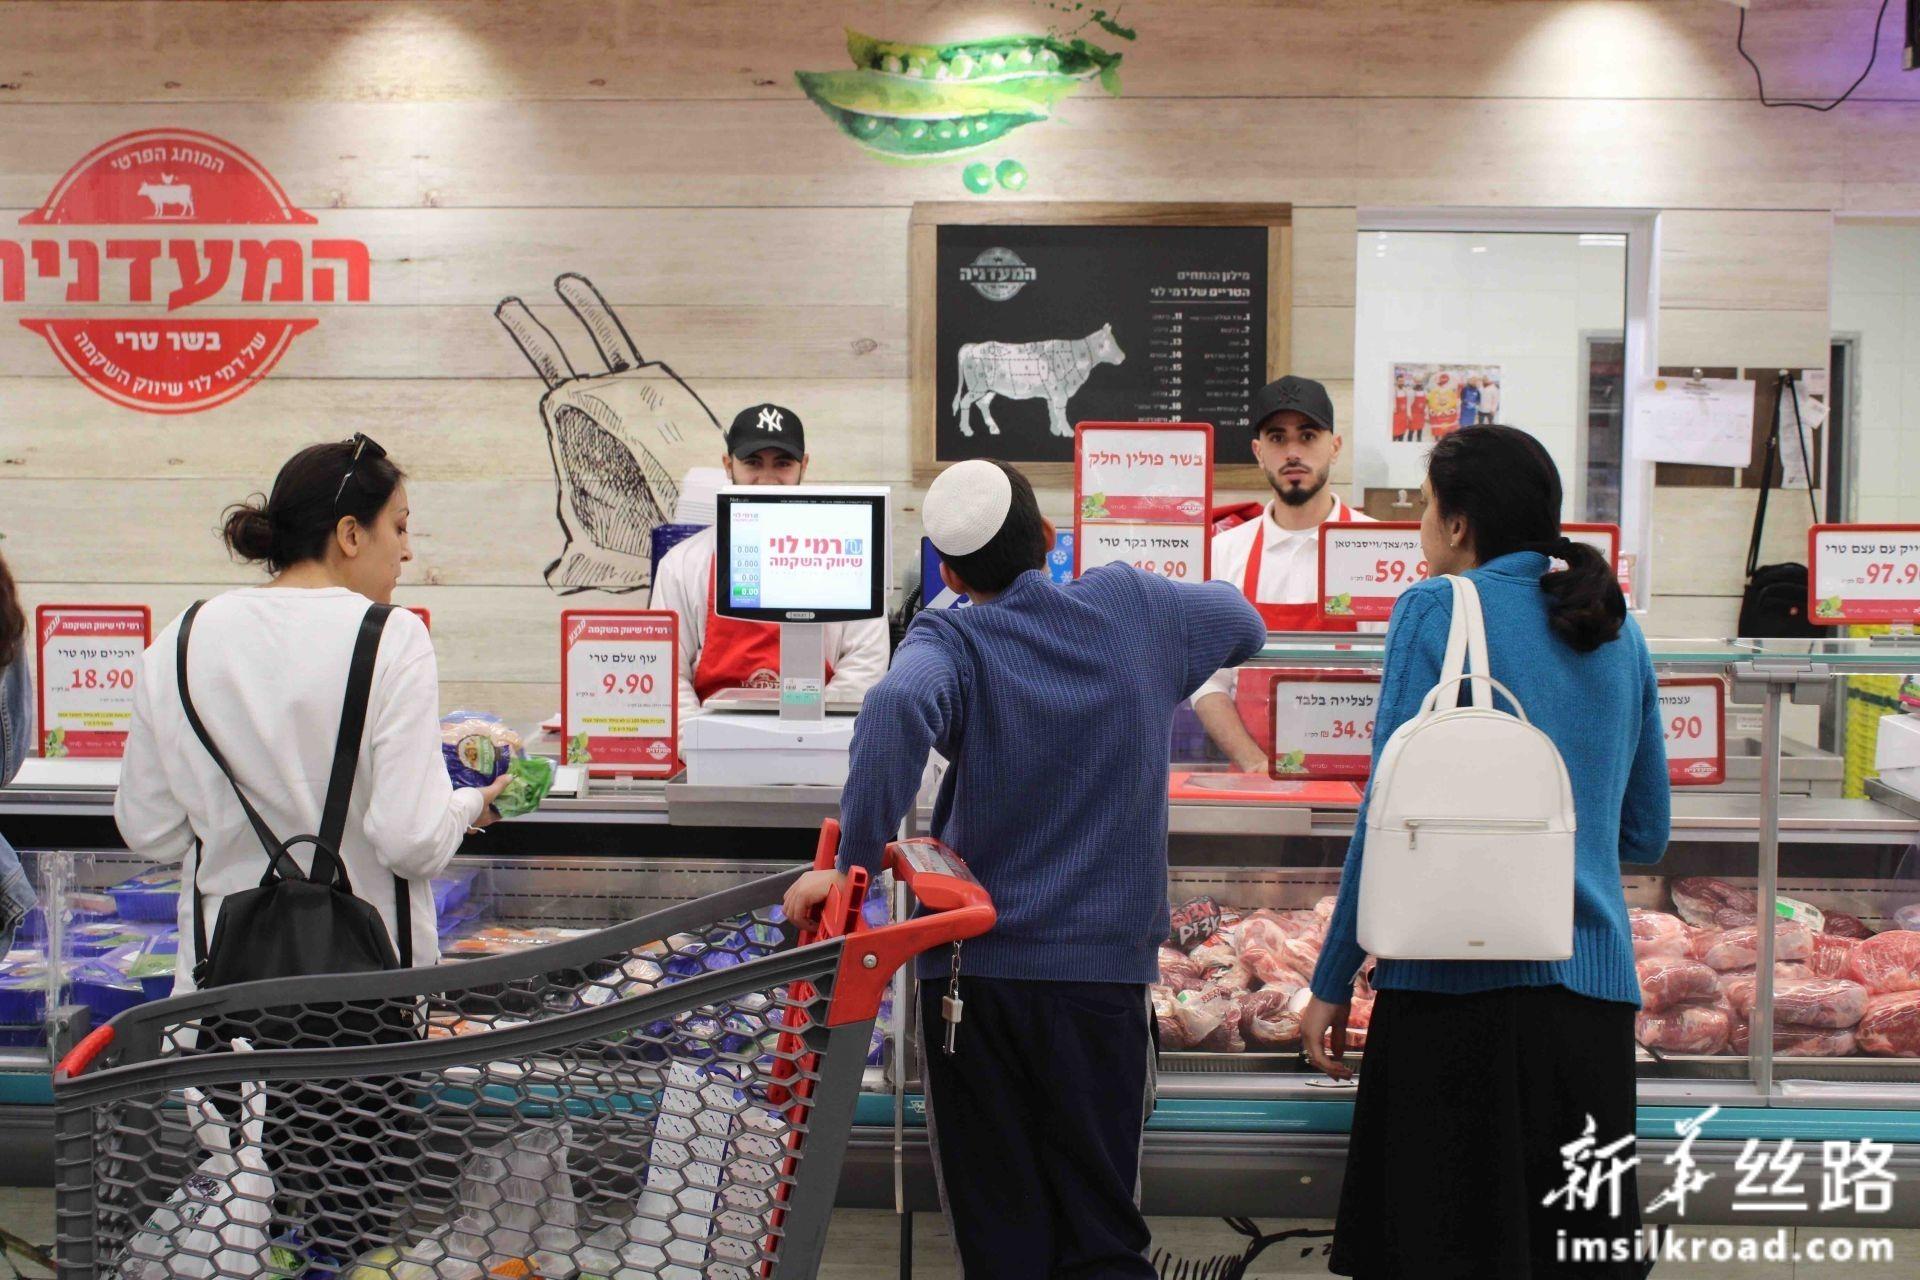 """2月13日,顾客在耶路撒冷附近的阿塔罗特一家超市购物,这家企业被列入联合国人权高专办公布的""""黑名单""""。新华社记者 尚昊 摄"""